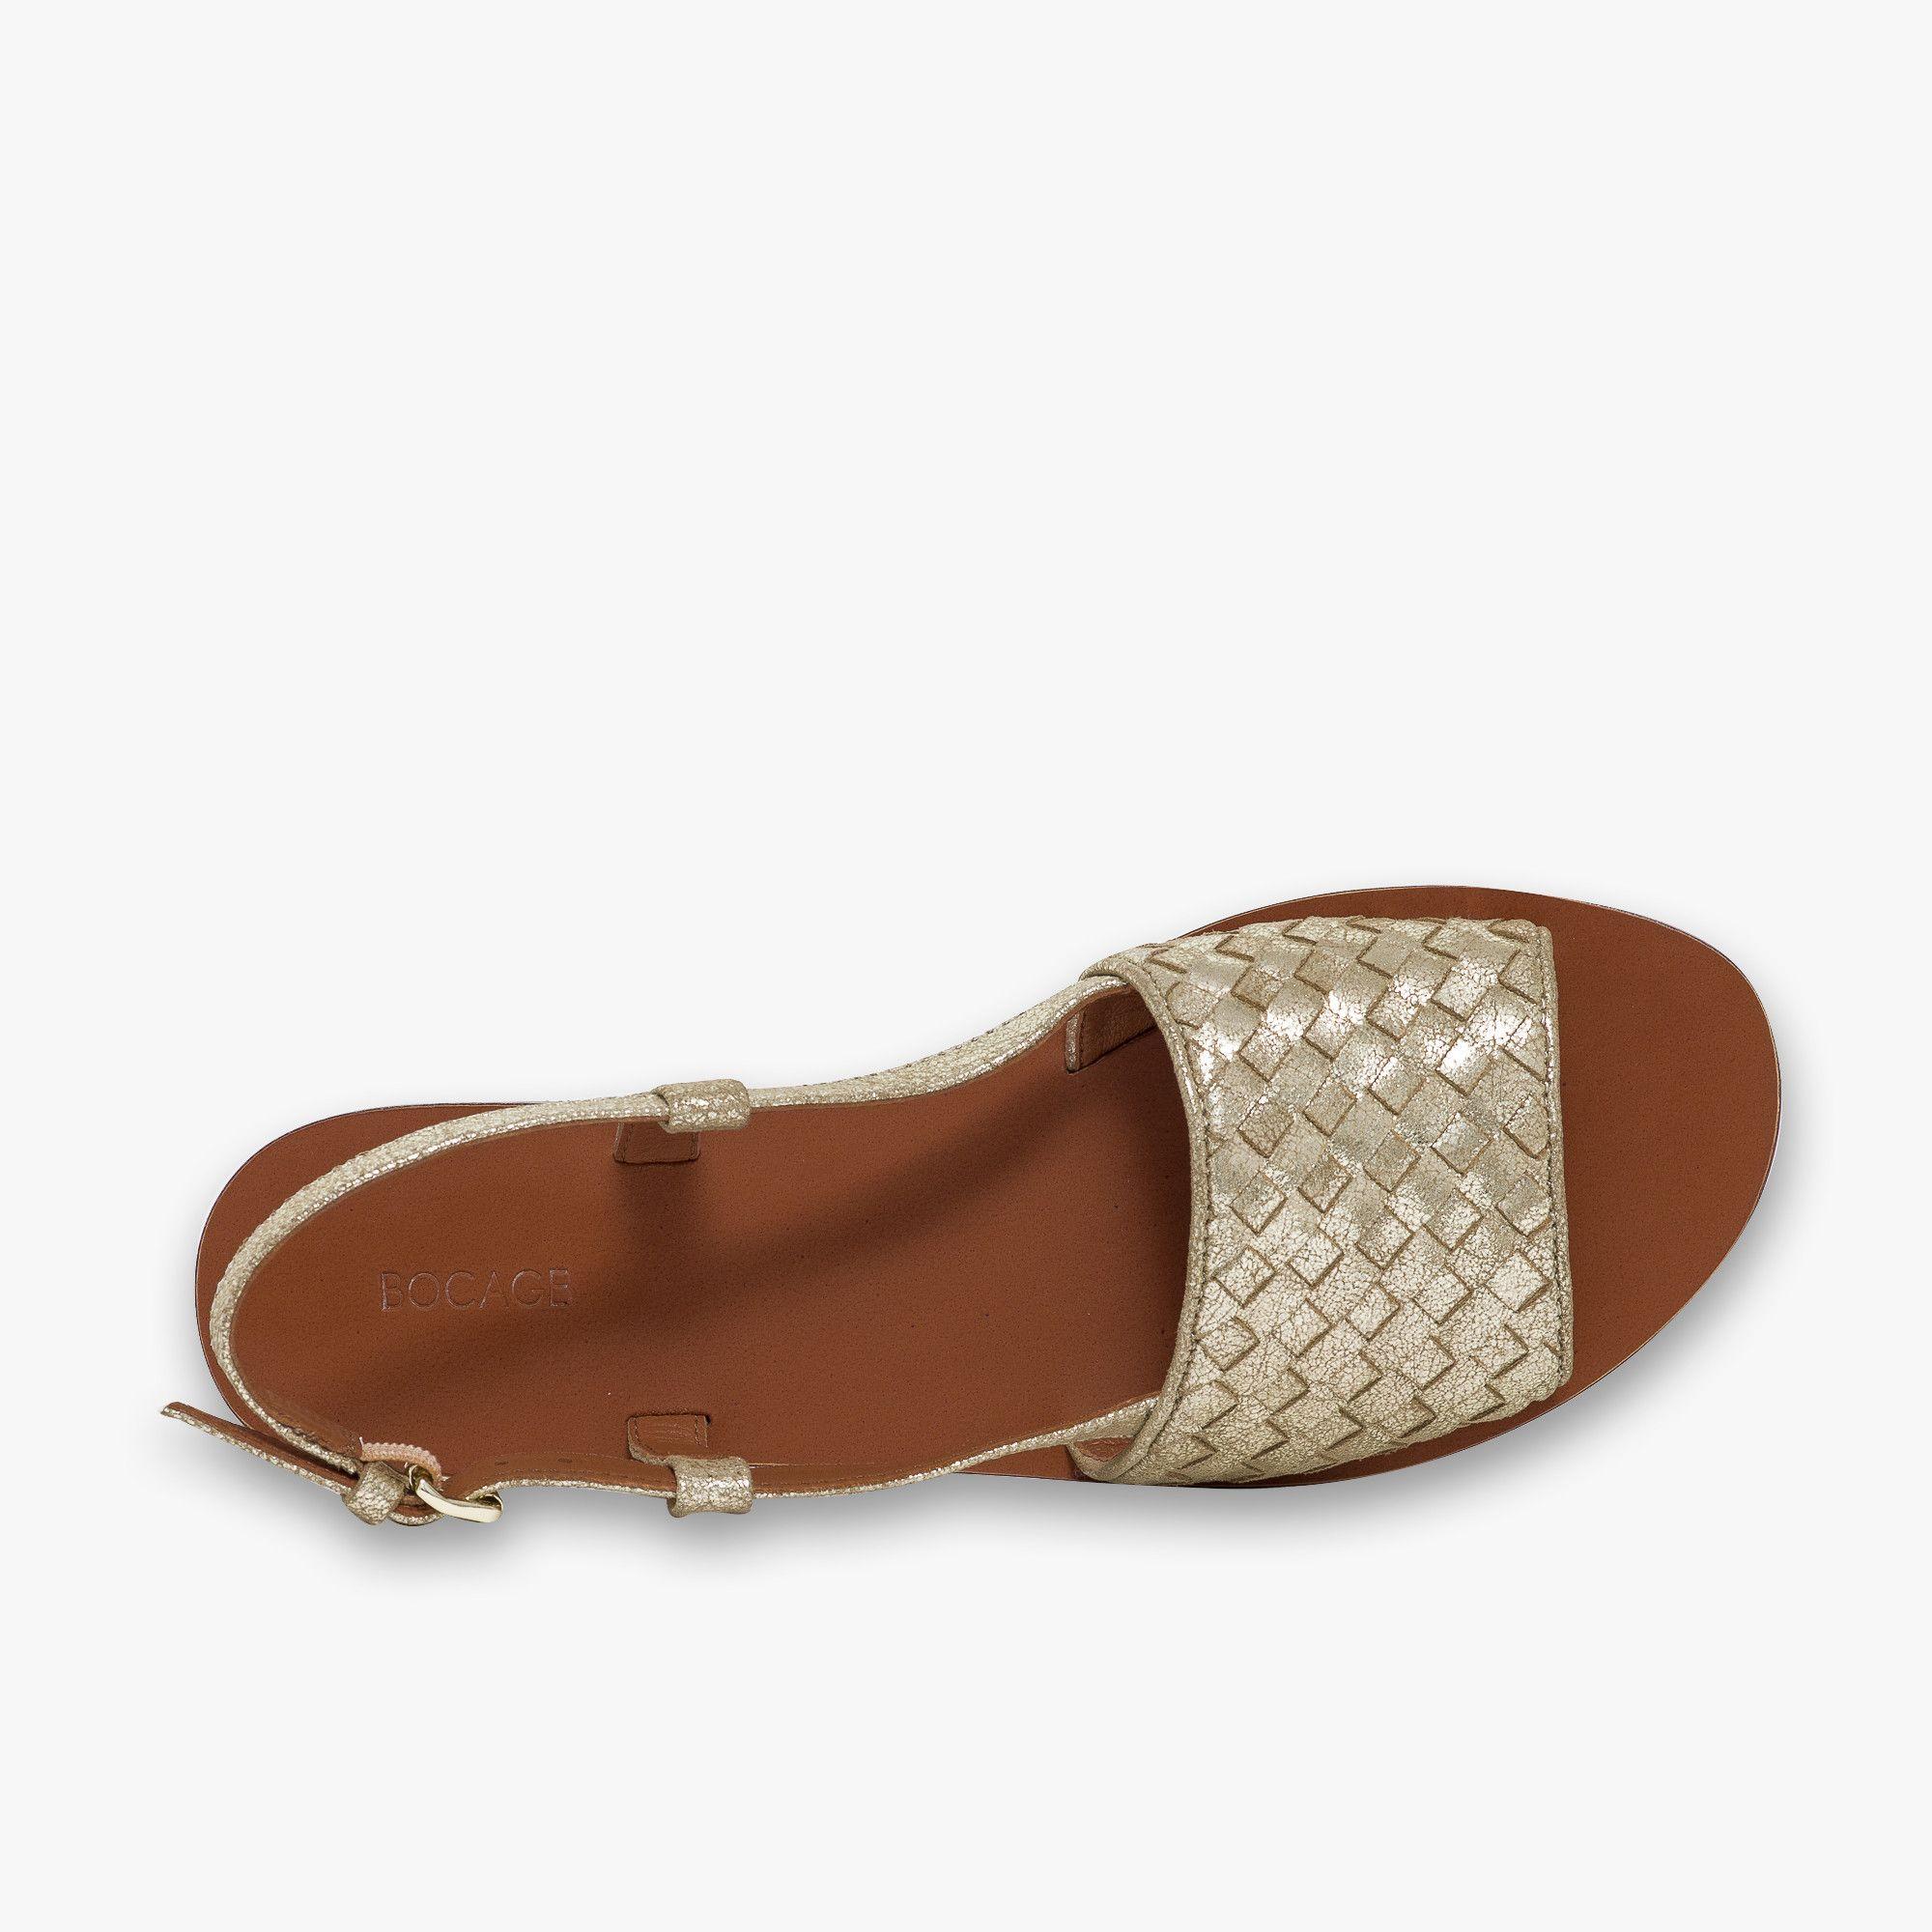 Métallisé 2018 Tressé Cuir Chaussures Nx0csiaw Pinterest Sandale Or En UpqVGMSz